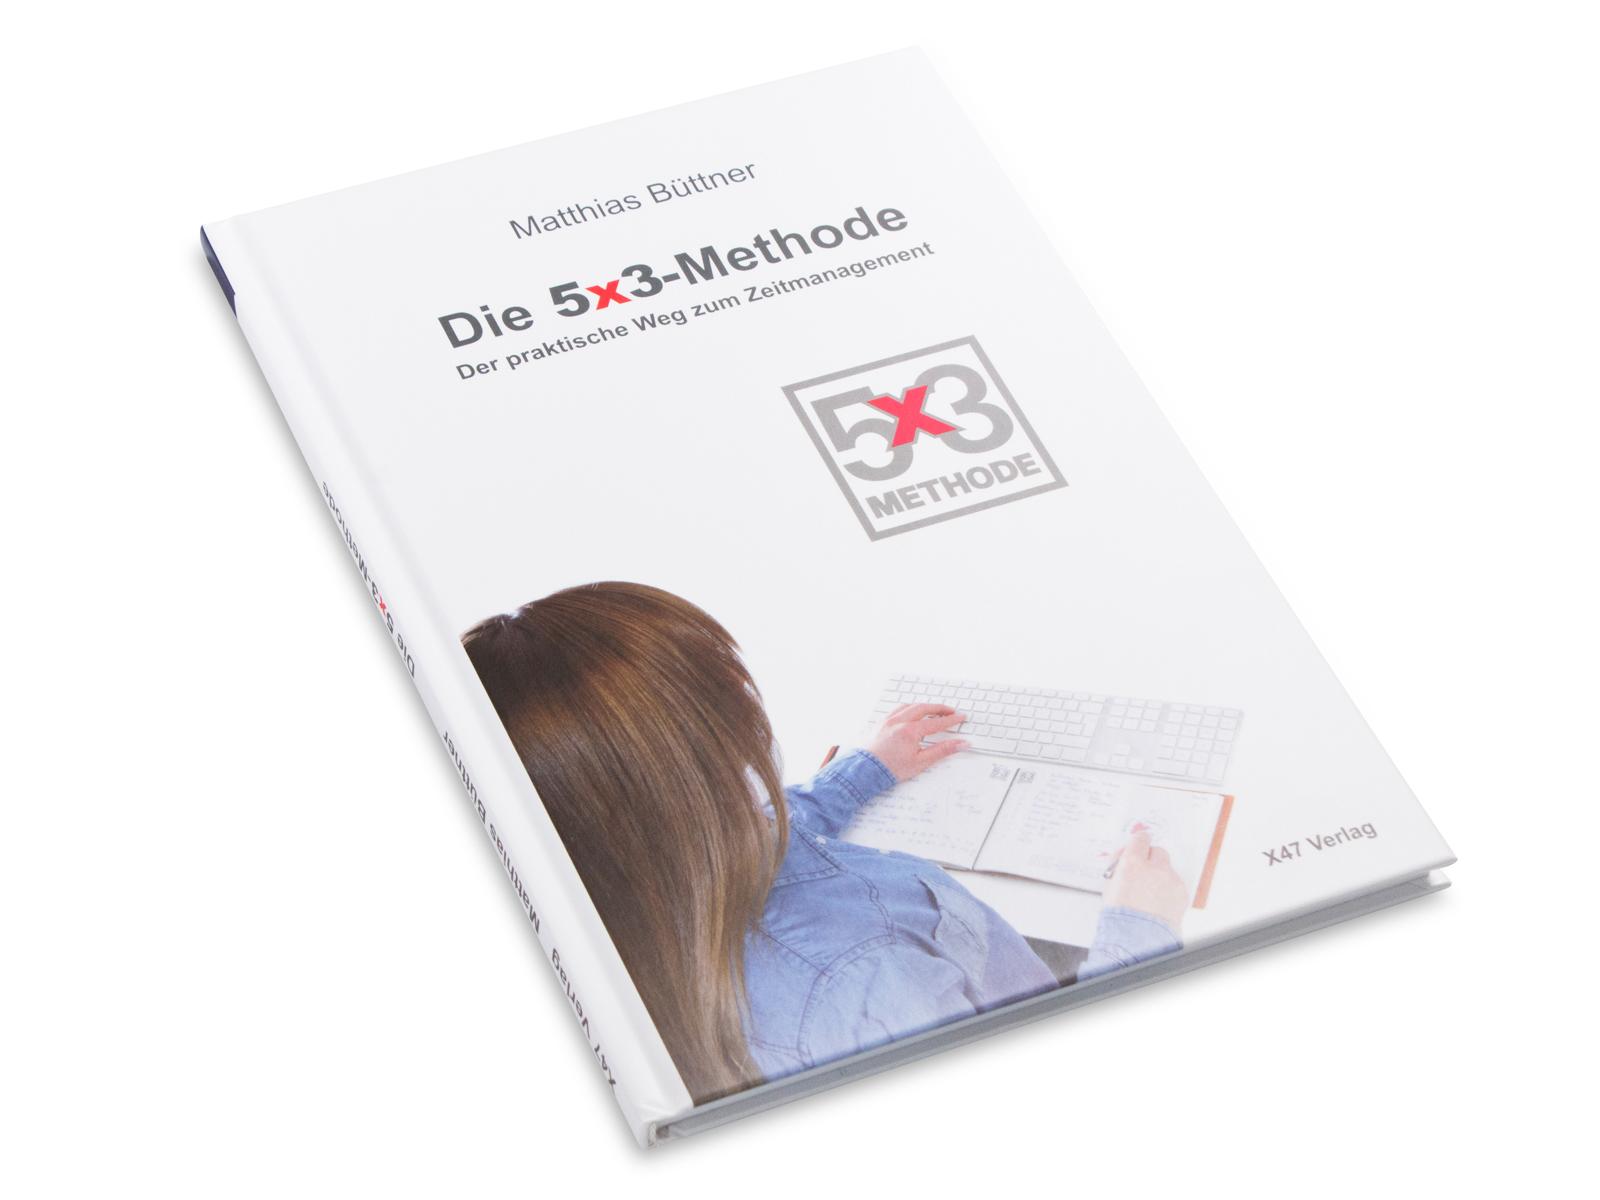 Die 5x3-Methode - A5 Hardcover